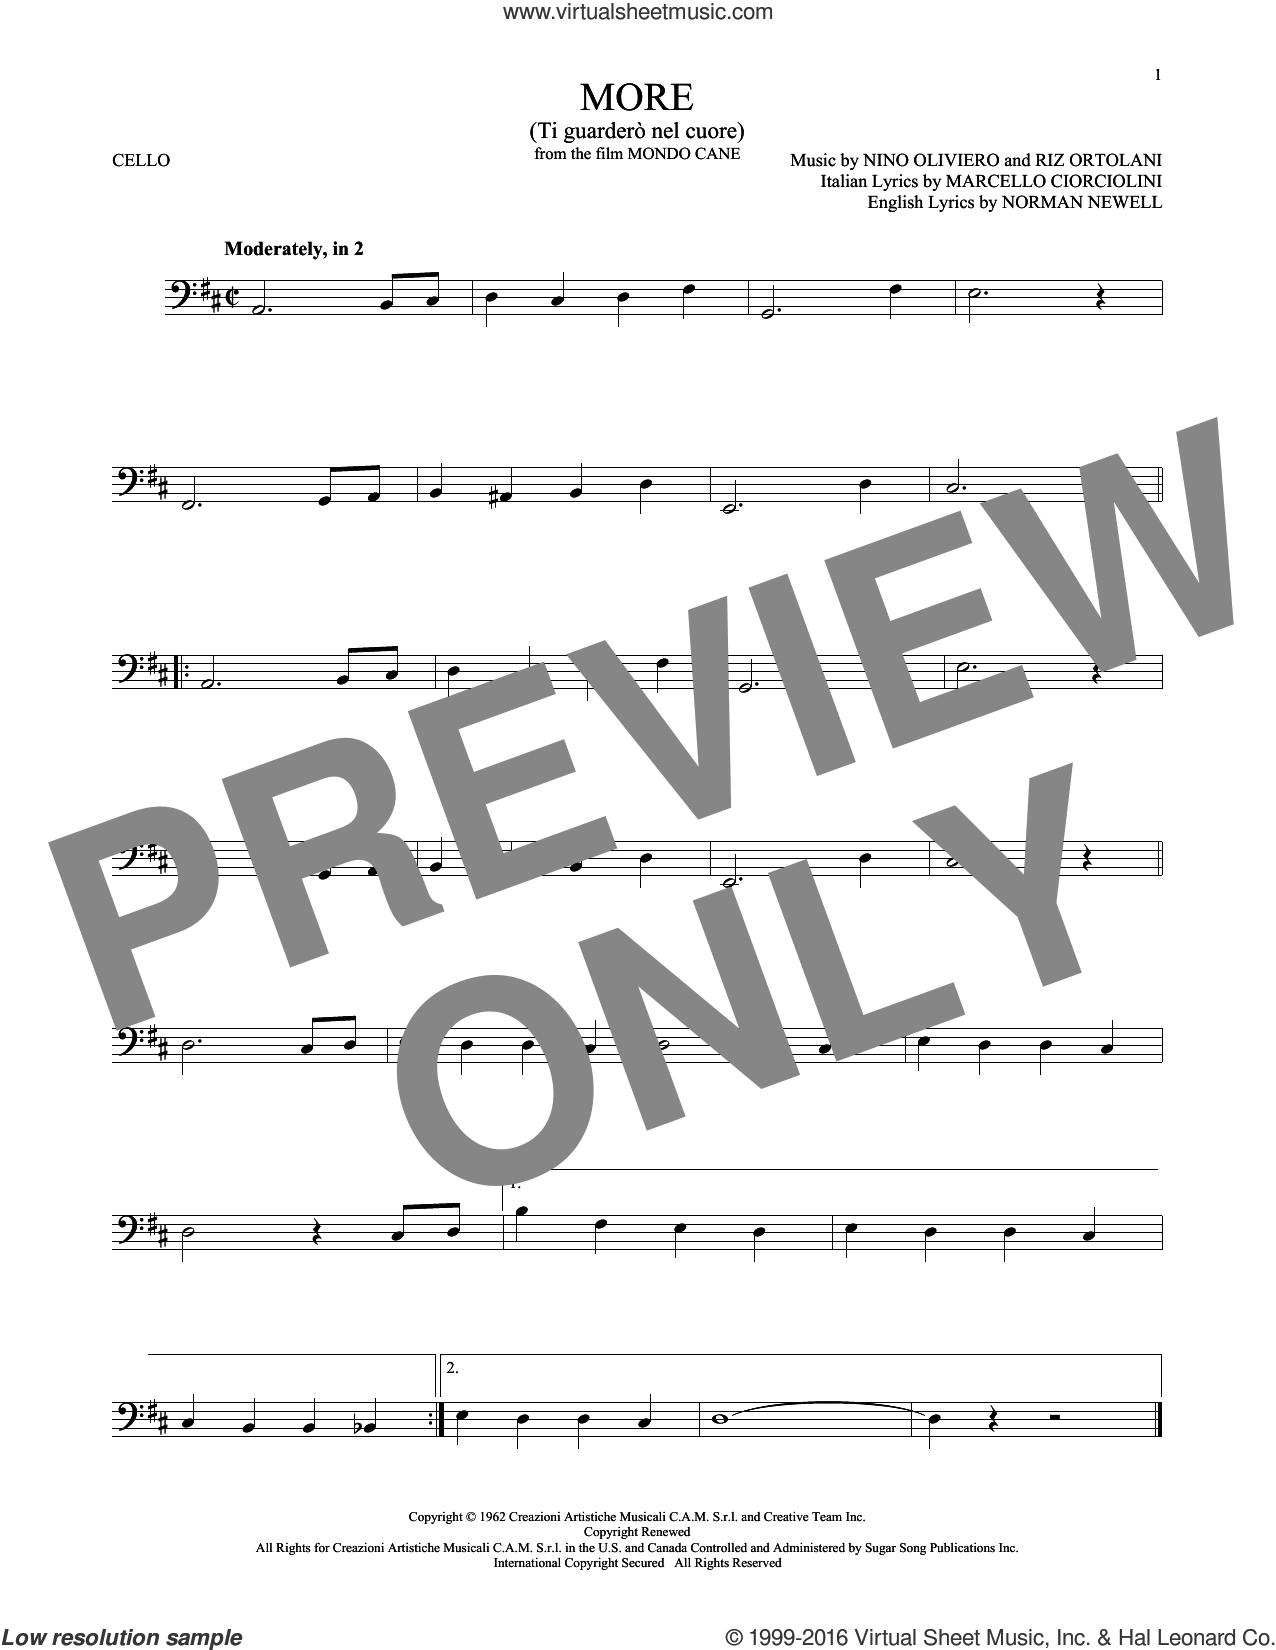 More (Ti Guardero Nel Cuore) sheet music for cello solo by Norman Newell, Kai Winding, Marcello Ciorciolini, Nino Oliviero and Riz Ortolani, intermediate skill level